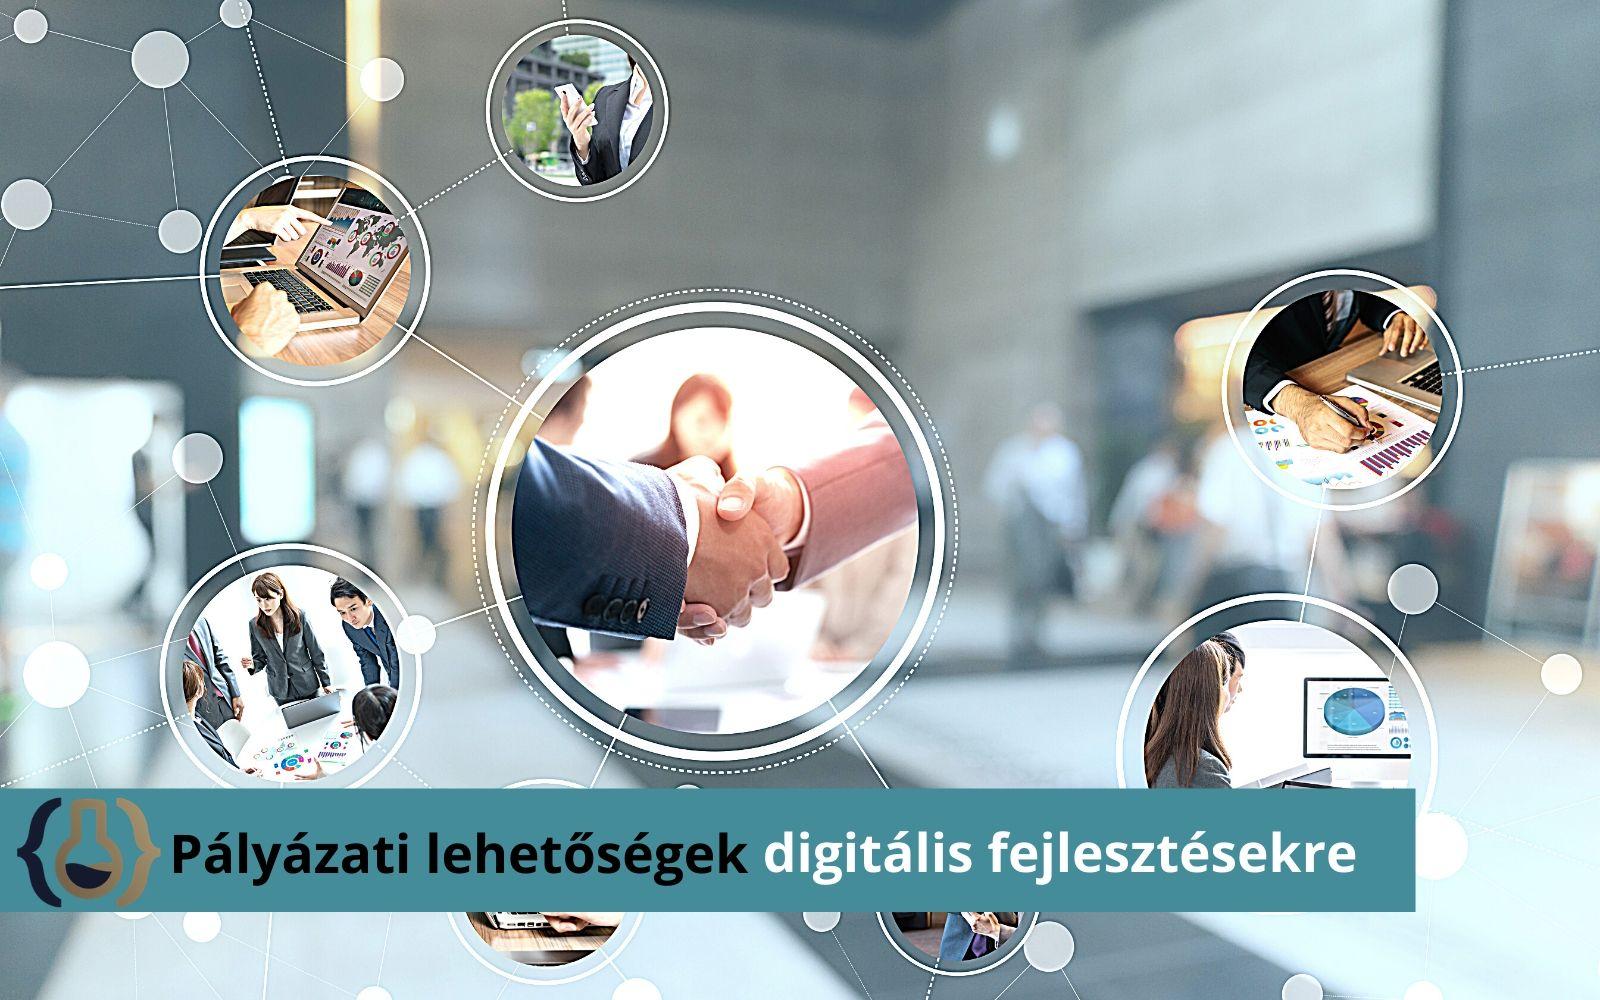 Pályázati lehetőségek digitális fejlesztésre